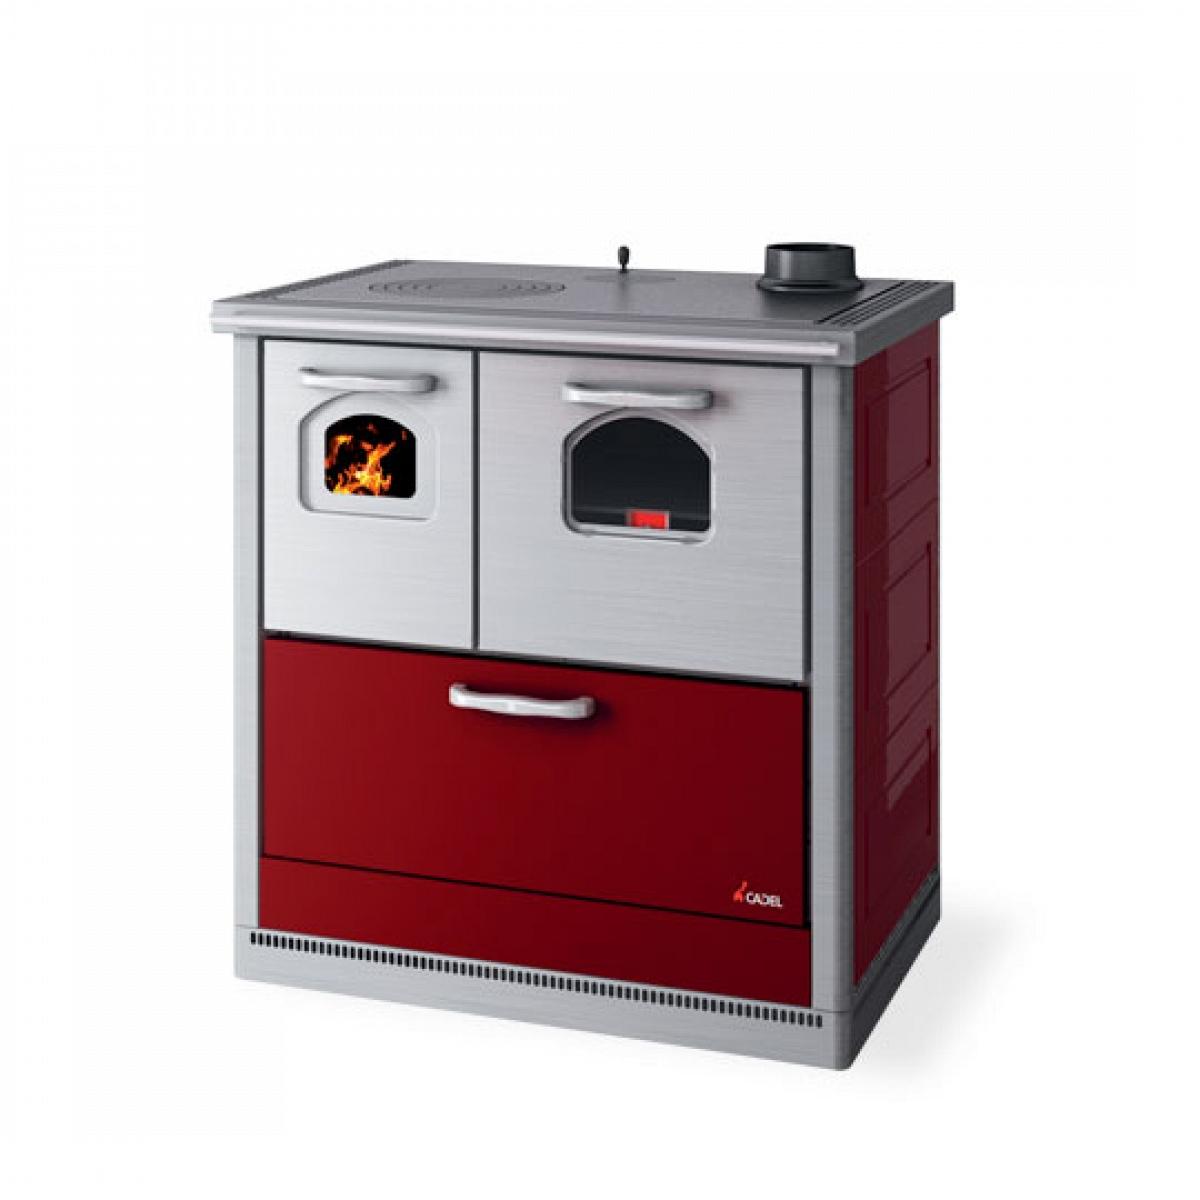 Cucina a legna 6 kw mod carla rossa cadel cadel stufe a - Cucina a legna usata ...